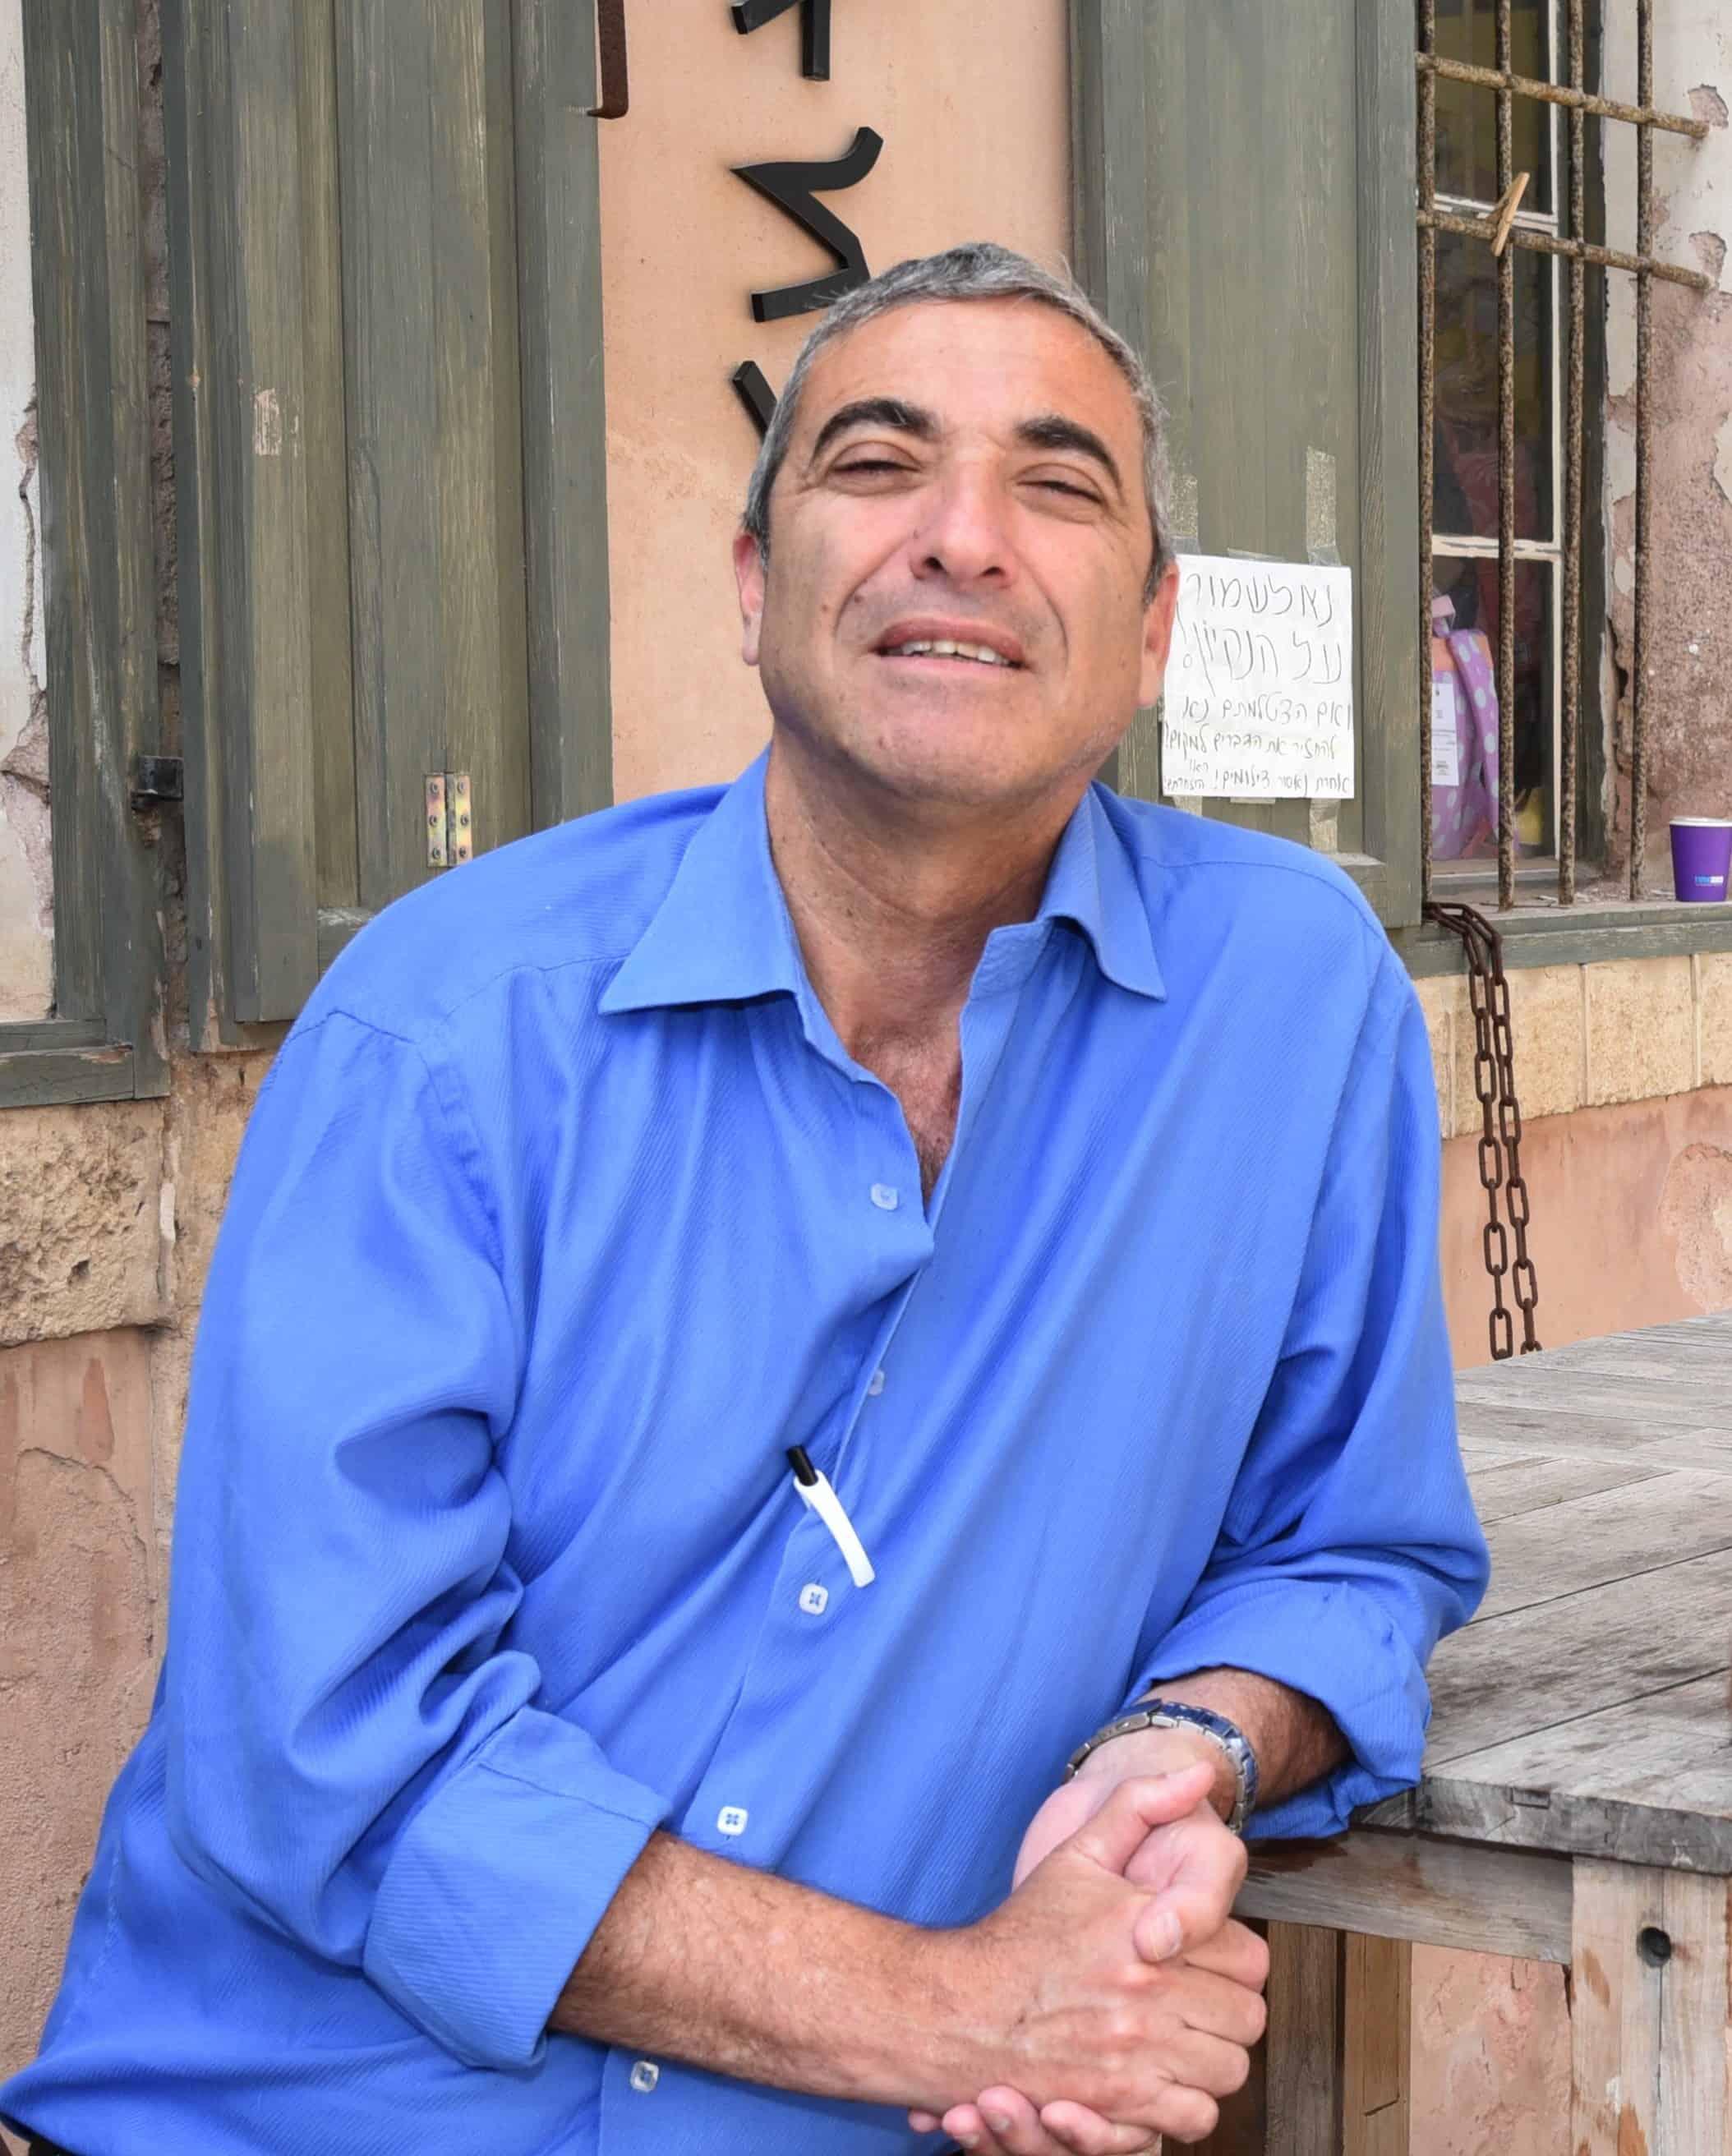 אפי דיין סמנכל שיווק חברת פריניב צילום דודו יצחקי